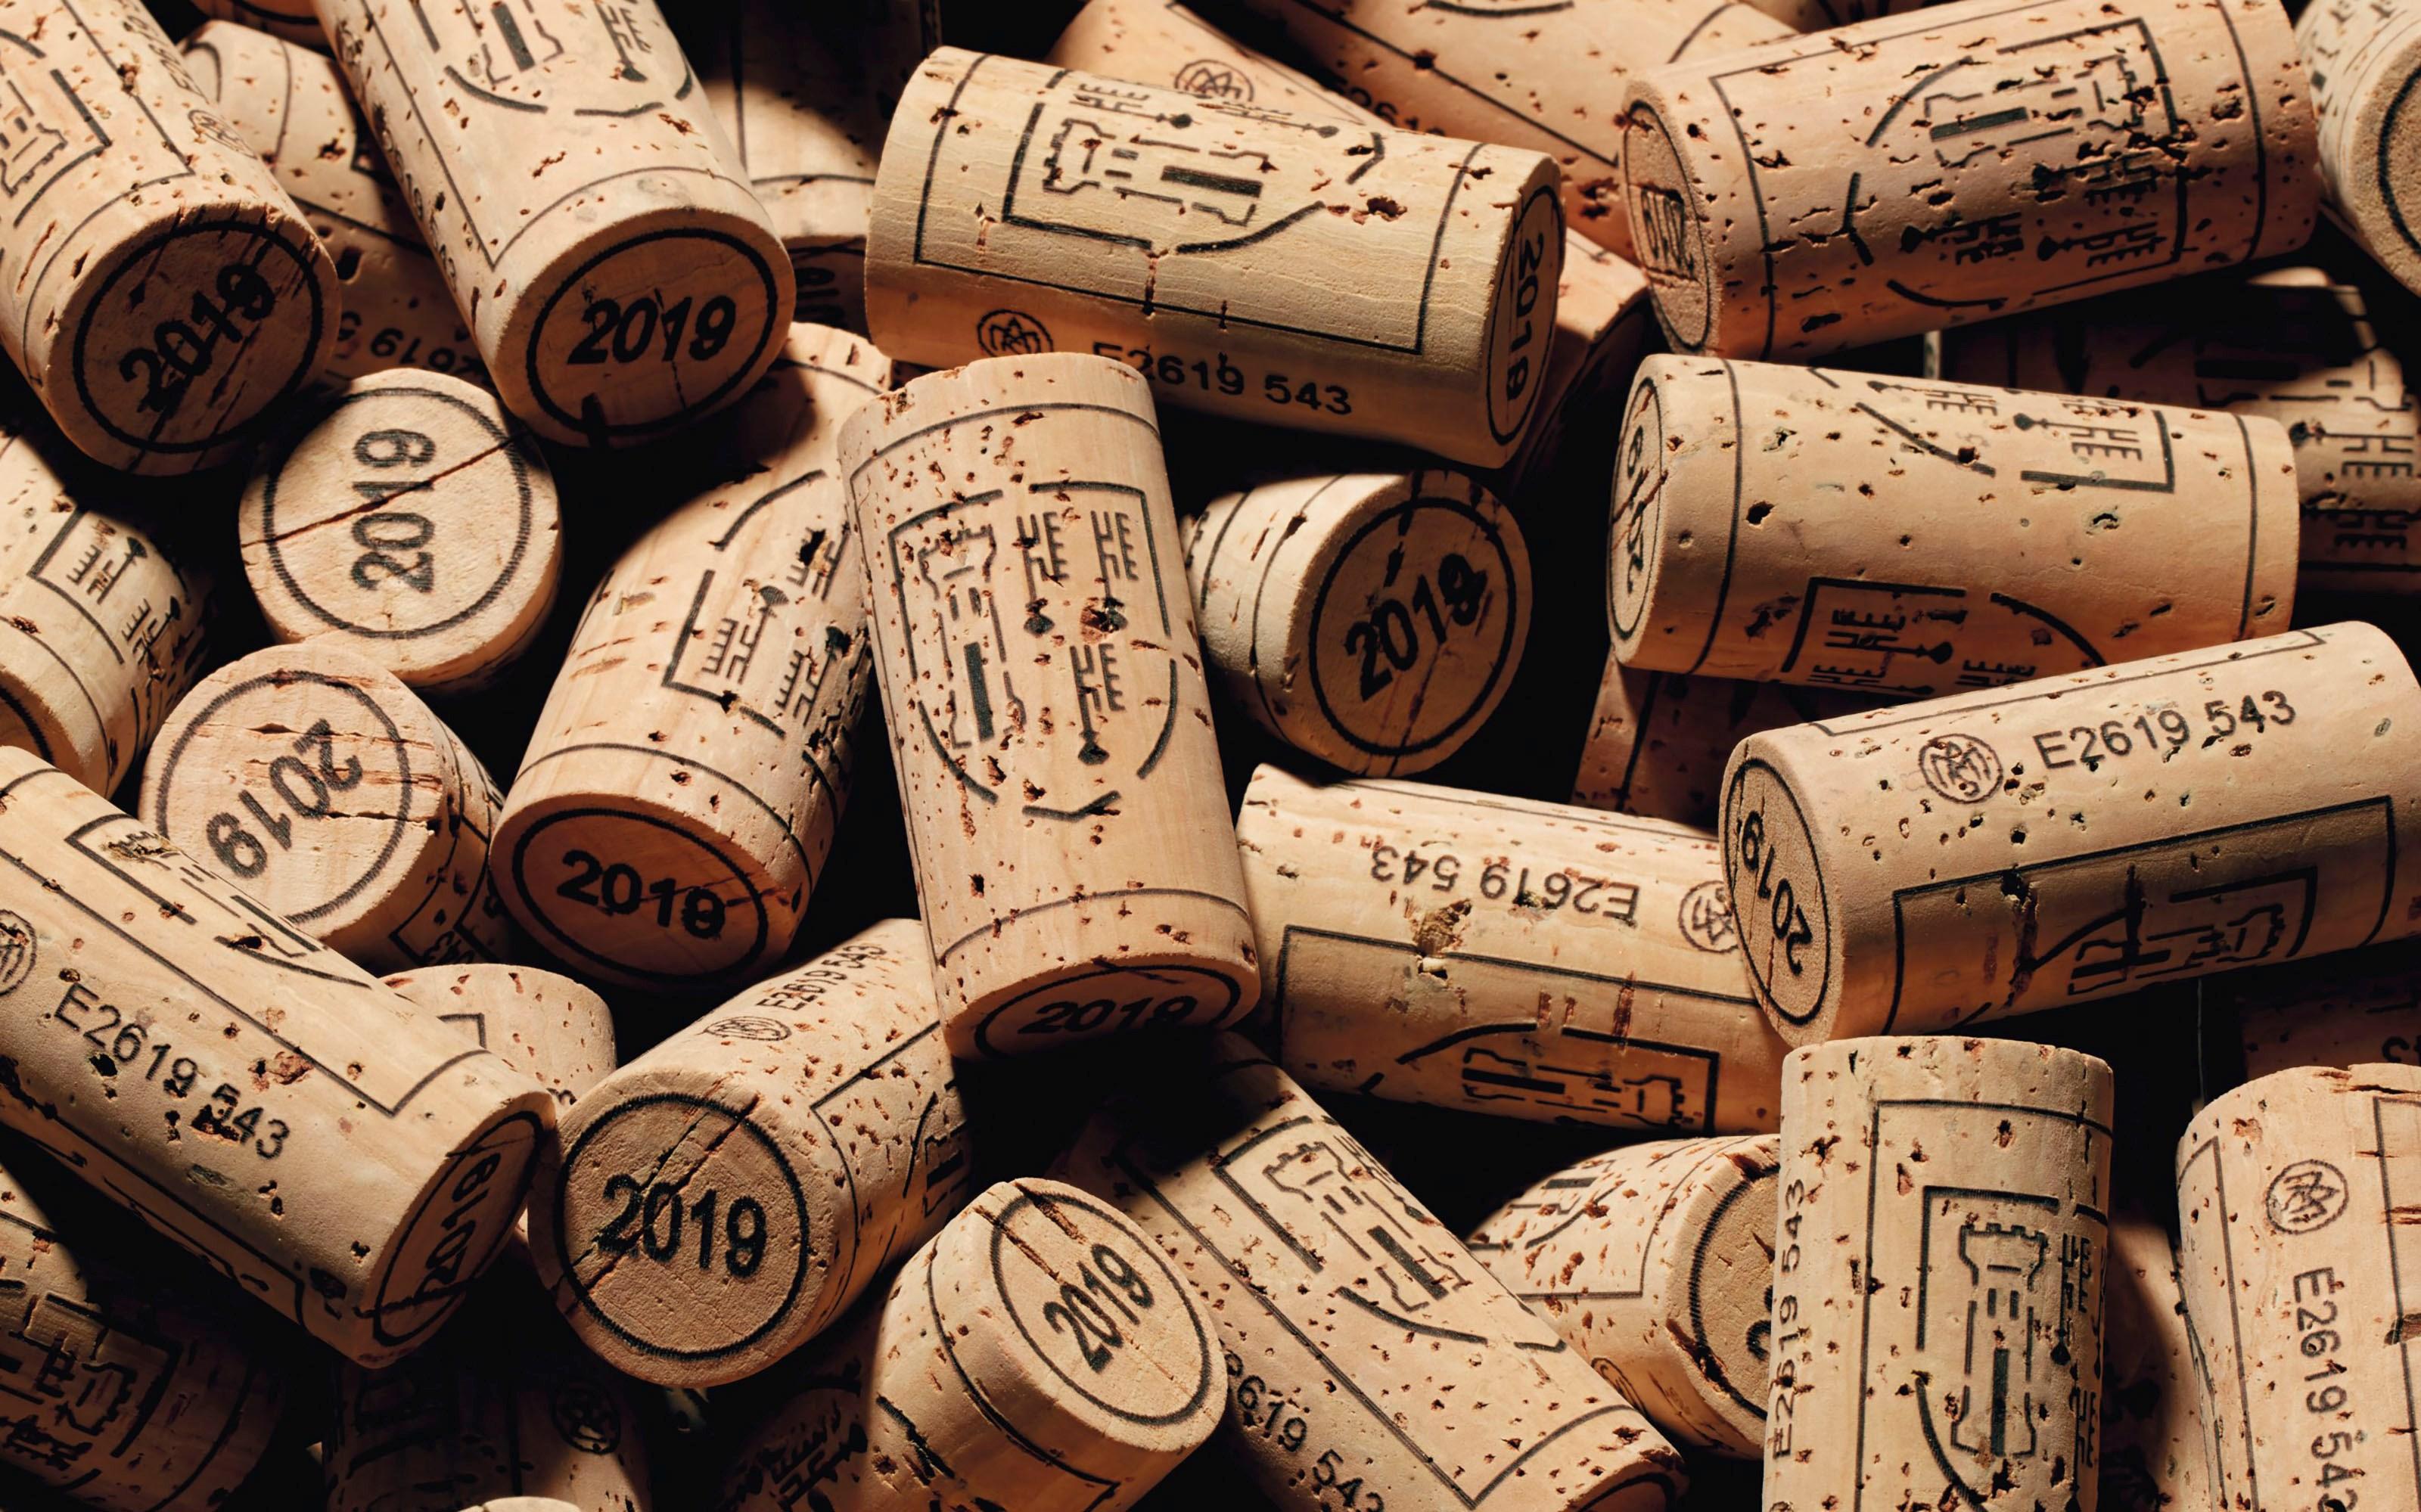 159e Vente des vins des Hospic auction at Christies